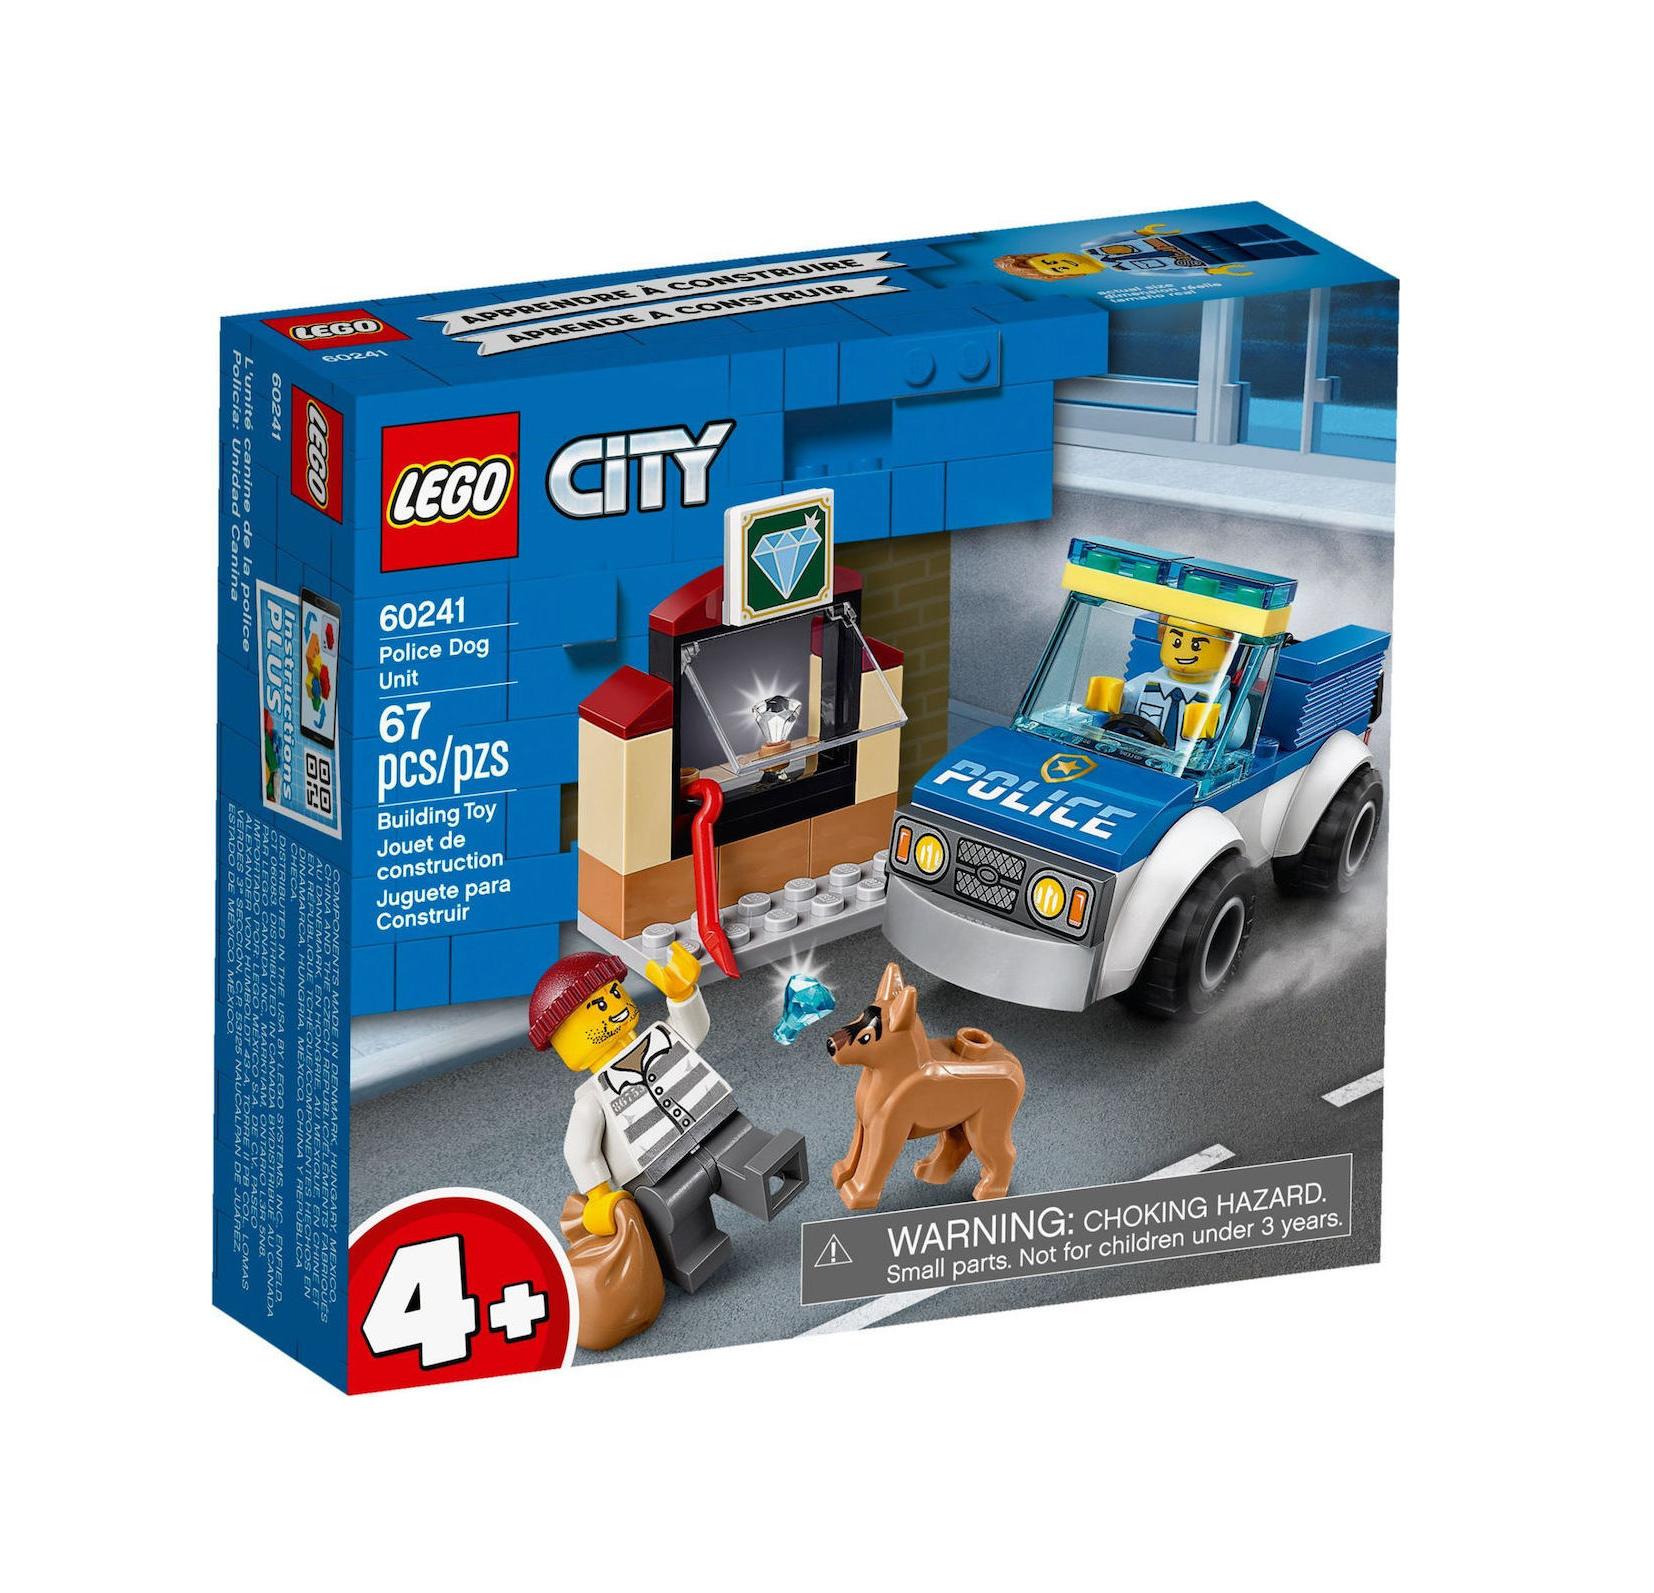 Lego City: Police Dog Unit 60241